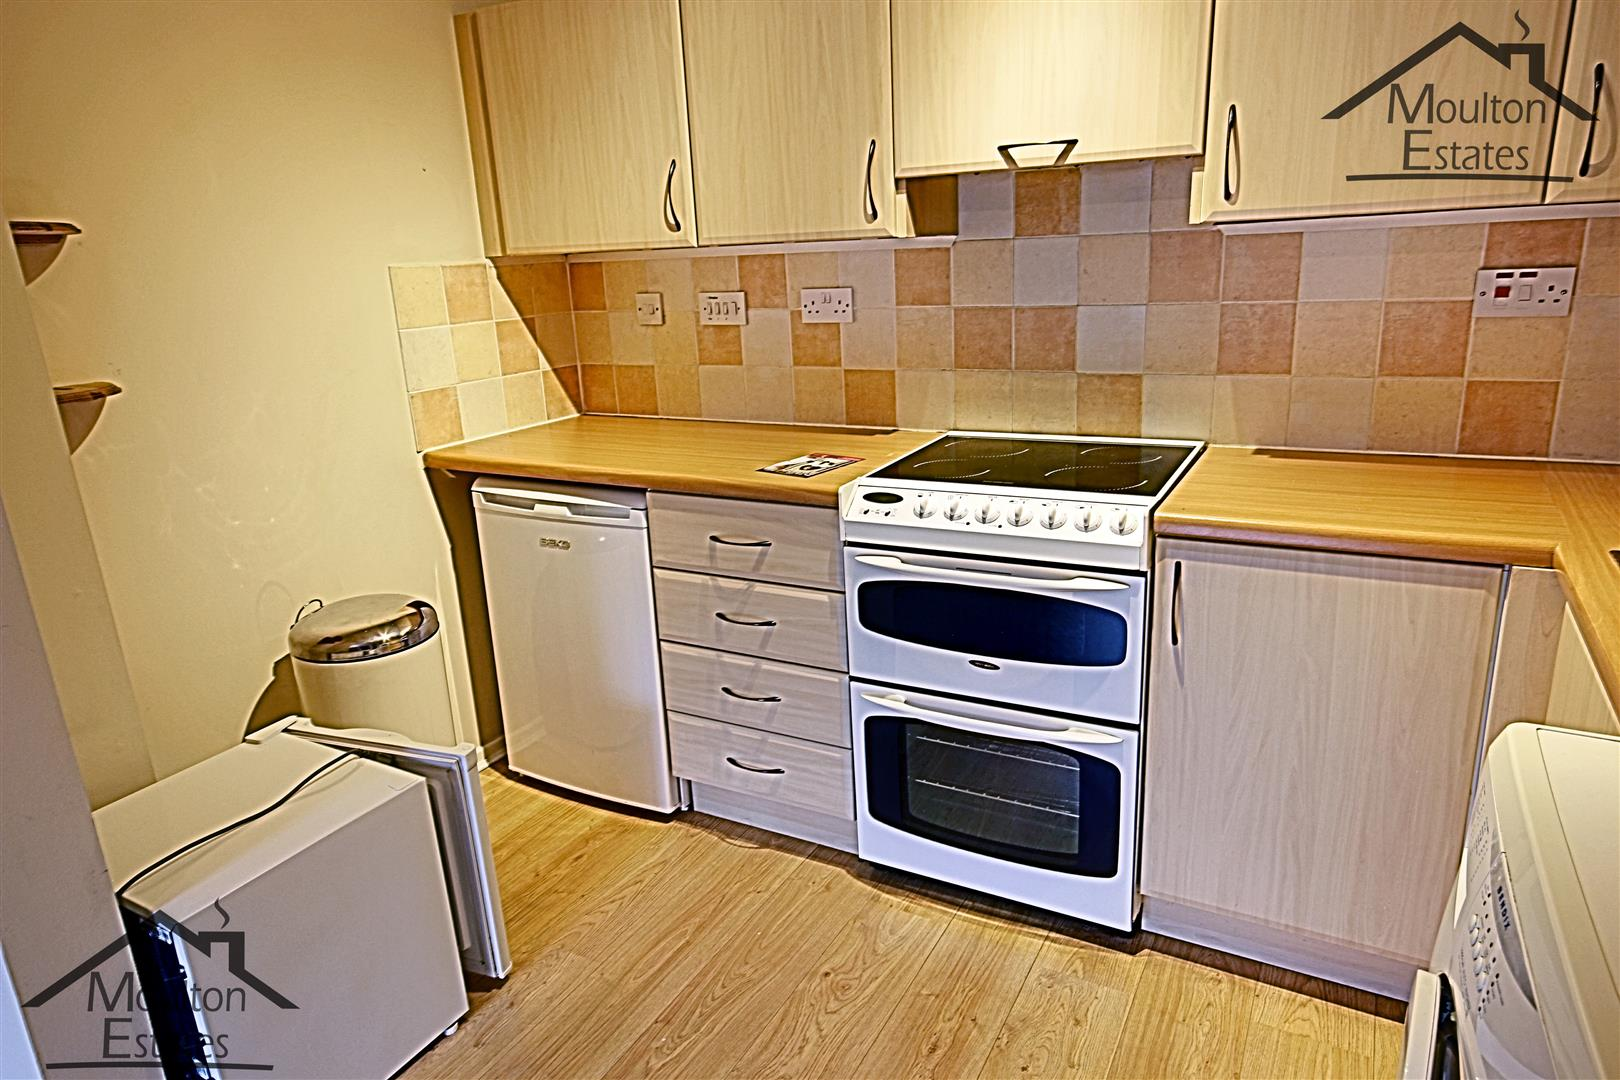 Kitchen 1 - ME WM.JPG